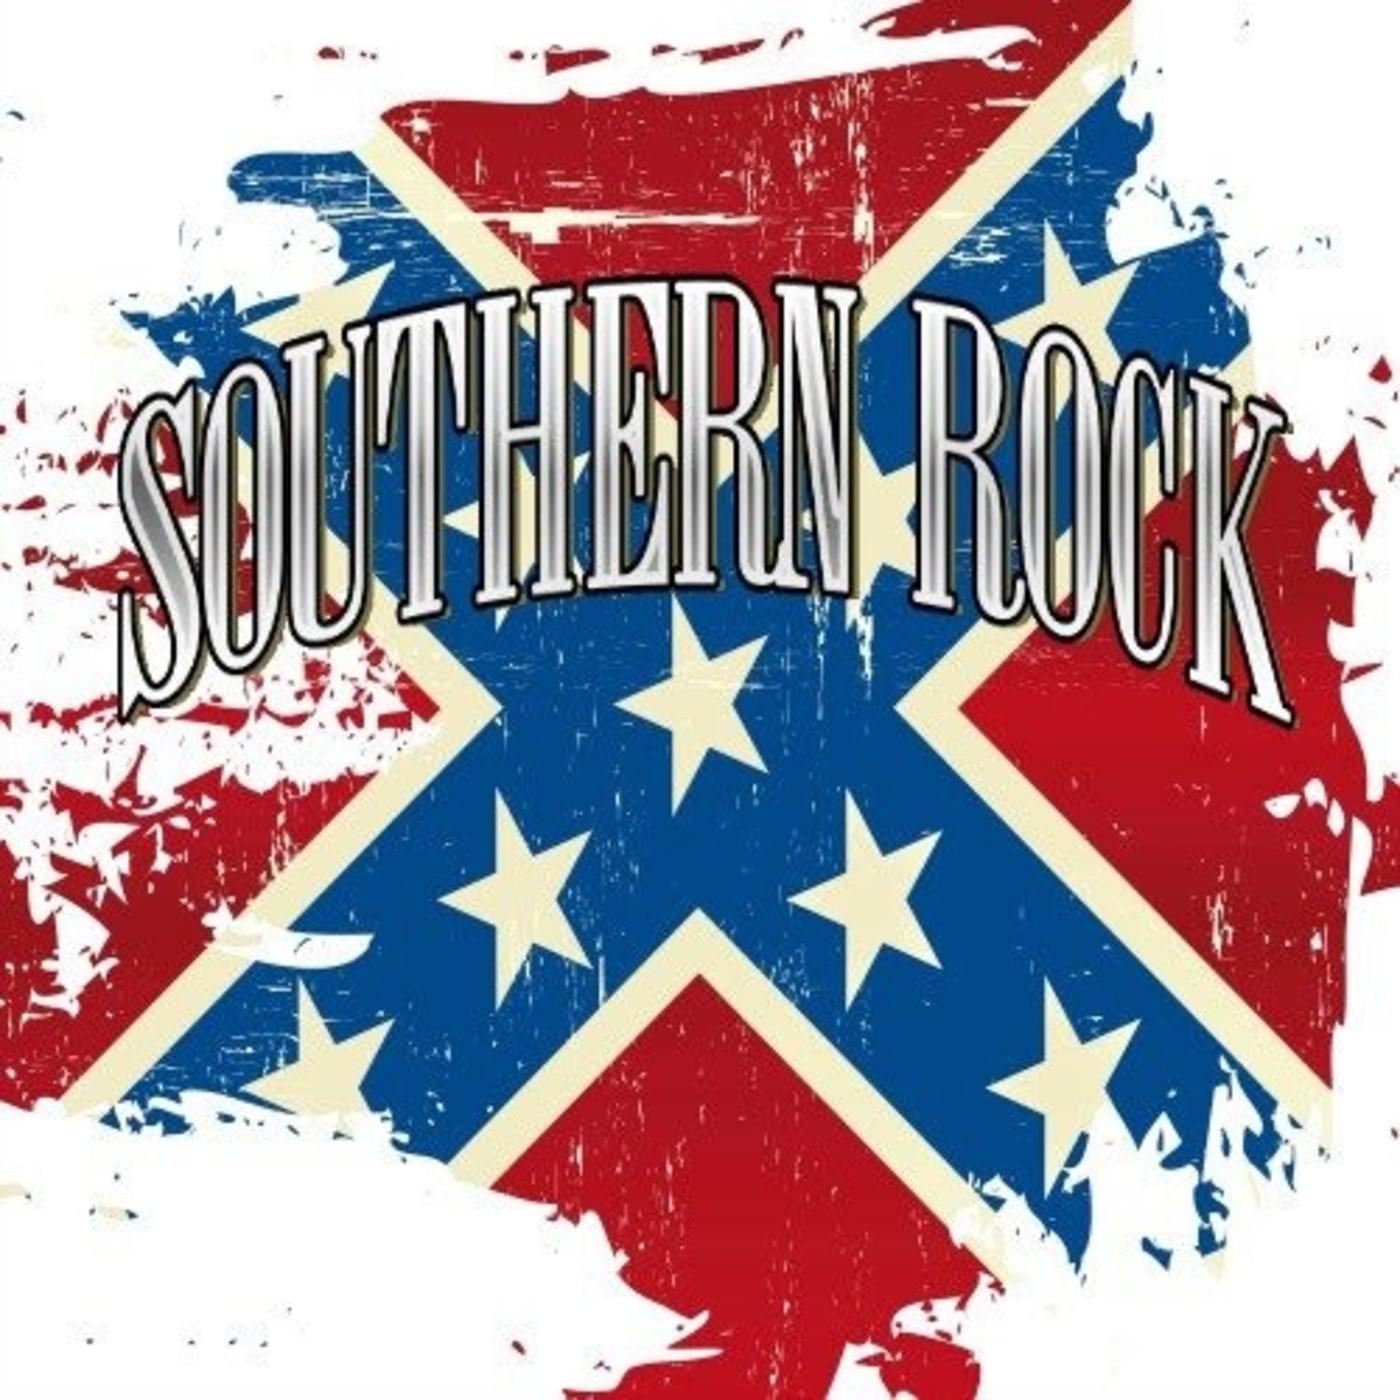 Southernman